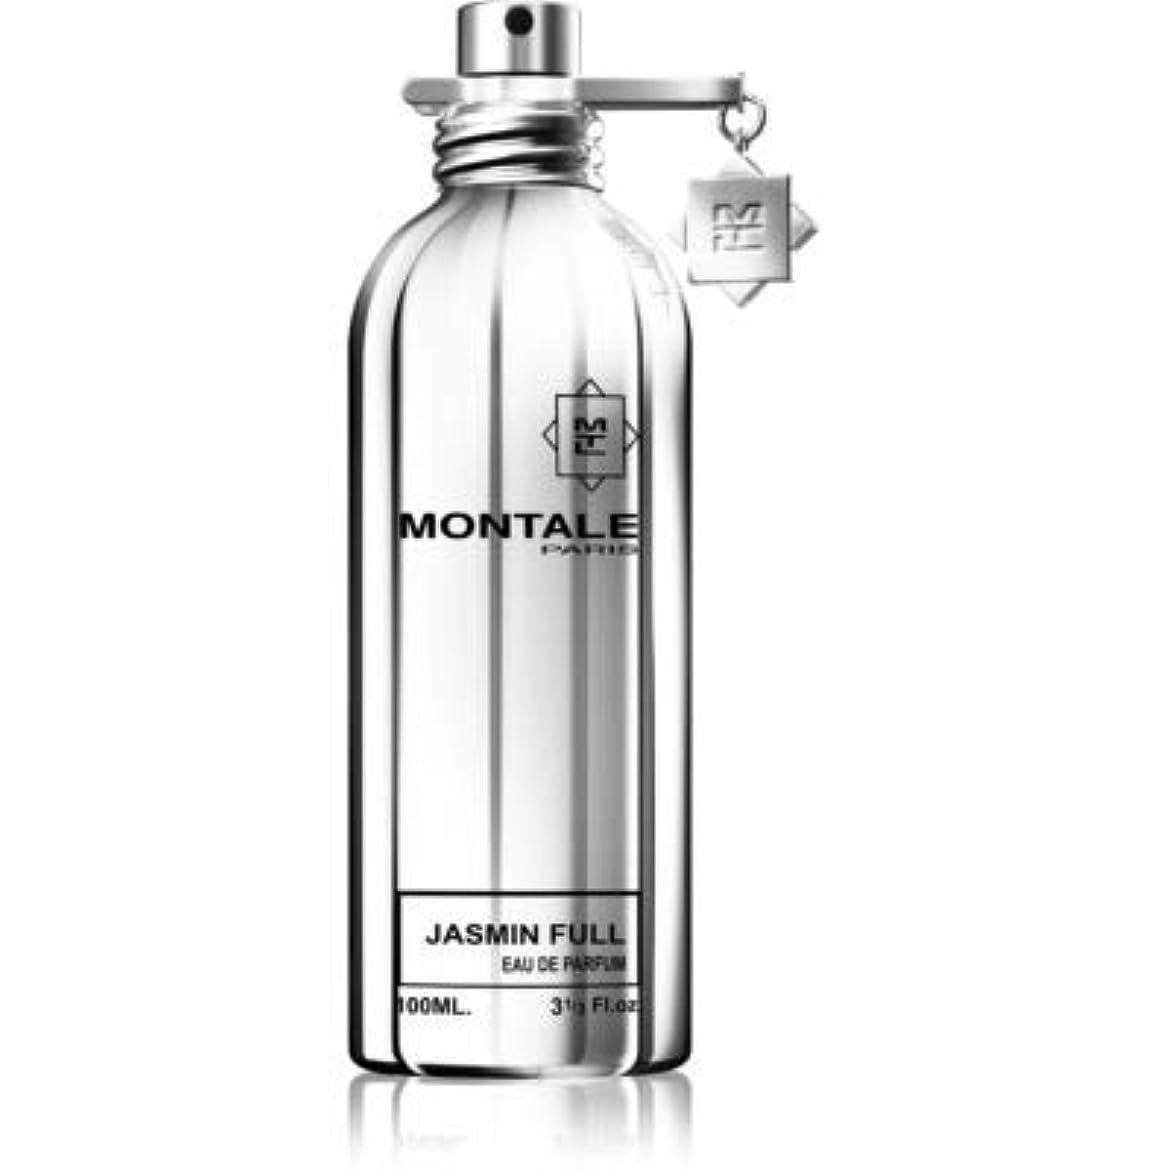 ロンドンチップ意味する100% Authentic MONTALE Jasmin Full Eau de Perfume 100ml Made in France + 2 Montale Samples + 30ml Skincare / 100...